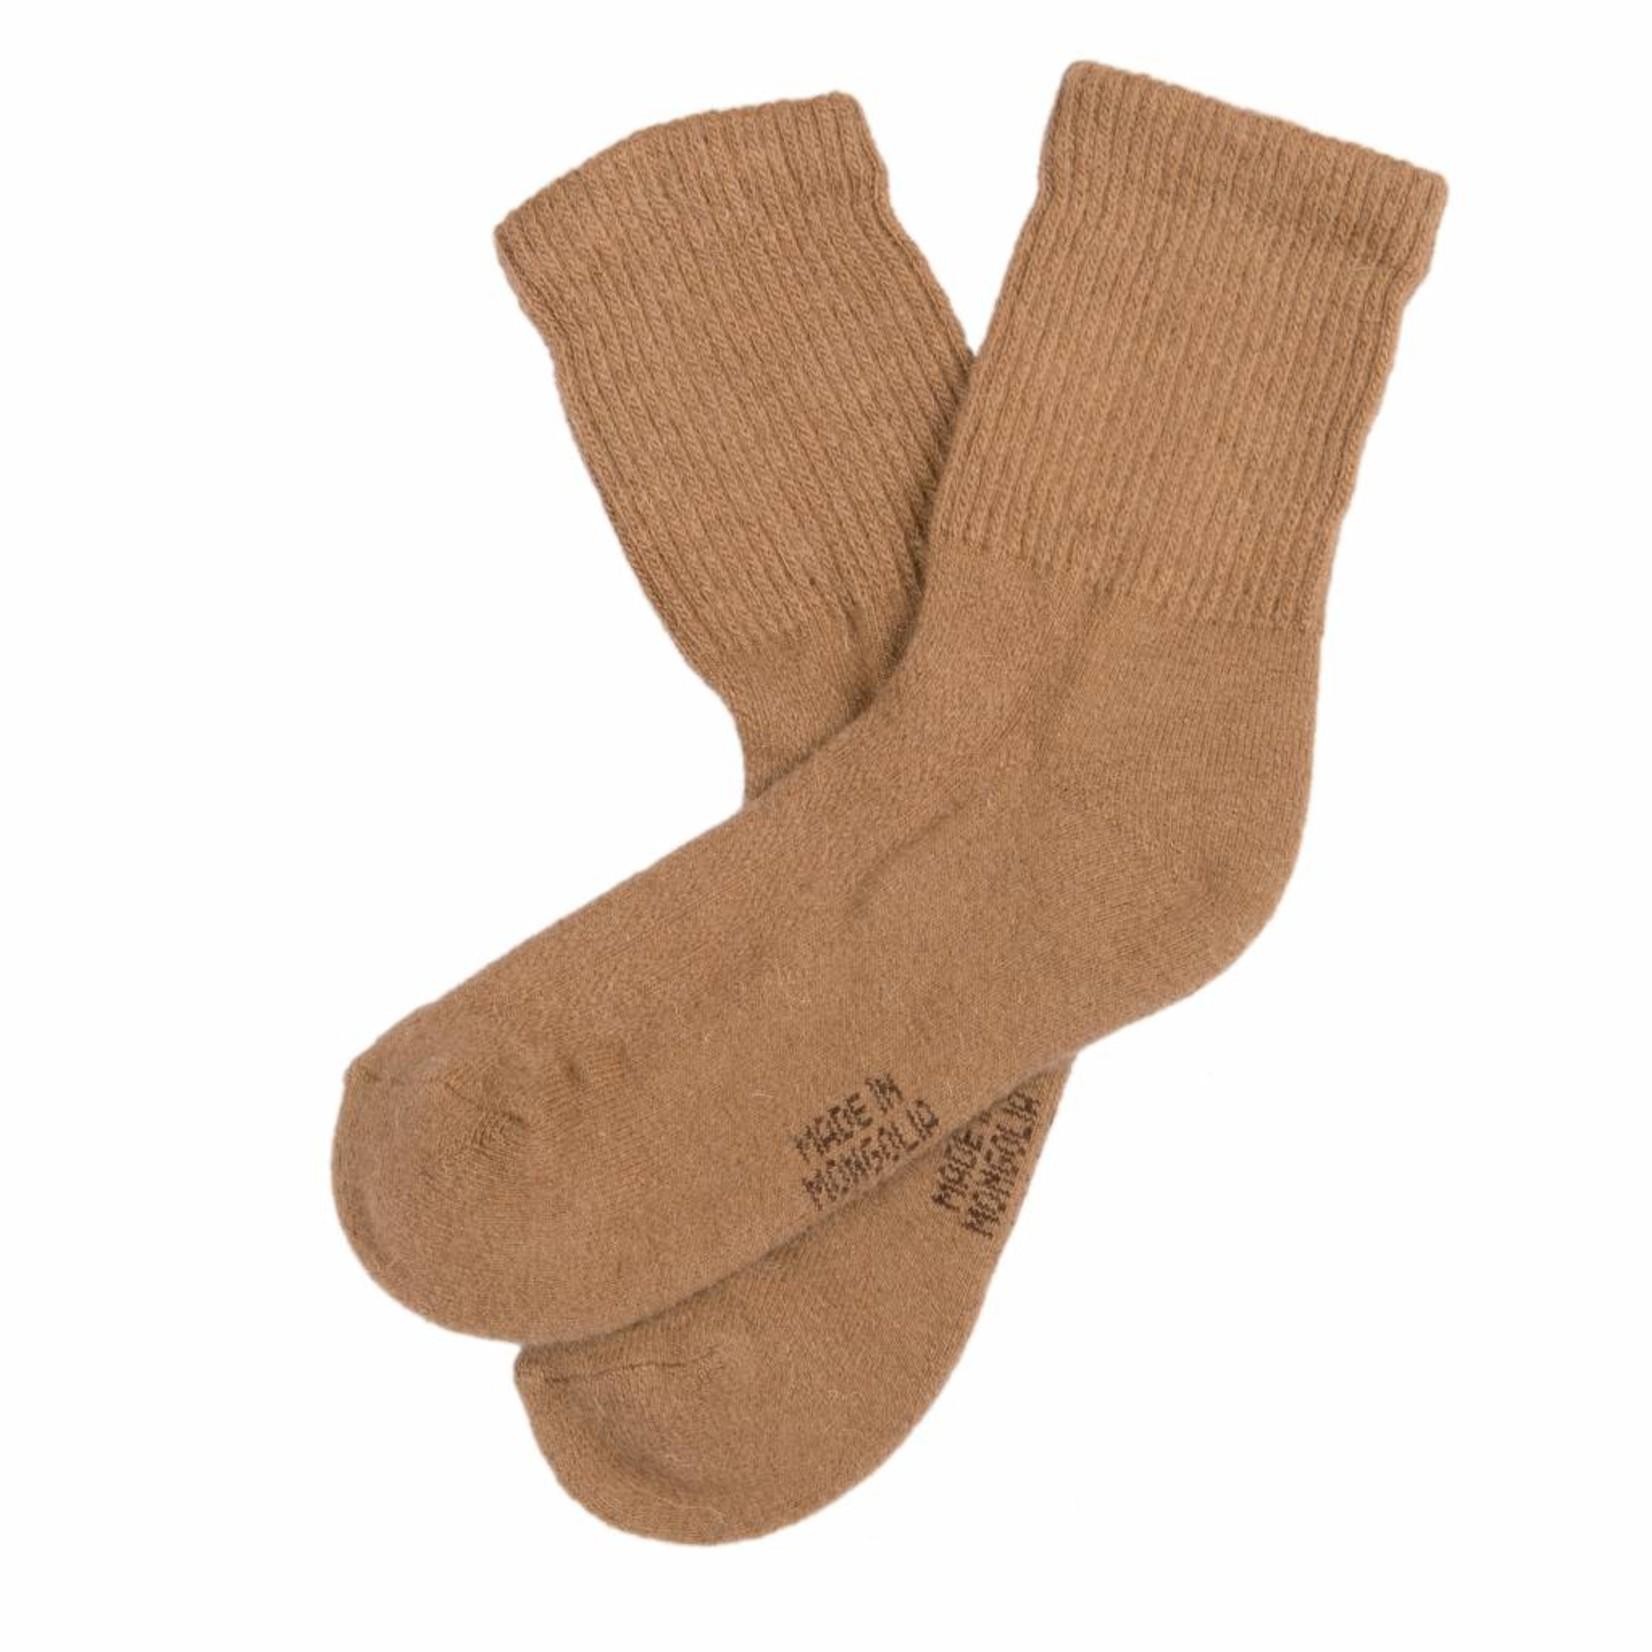 Socken aus Kamelhaar - kamelbraun